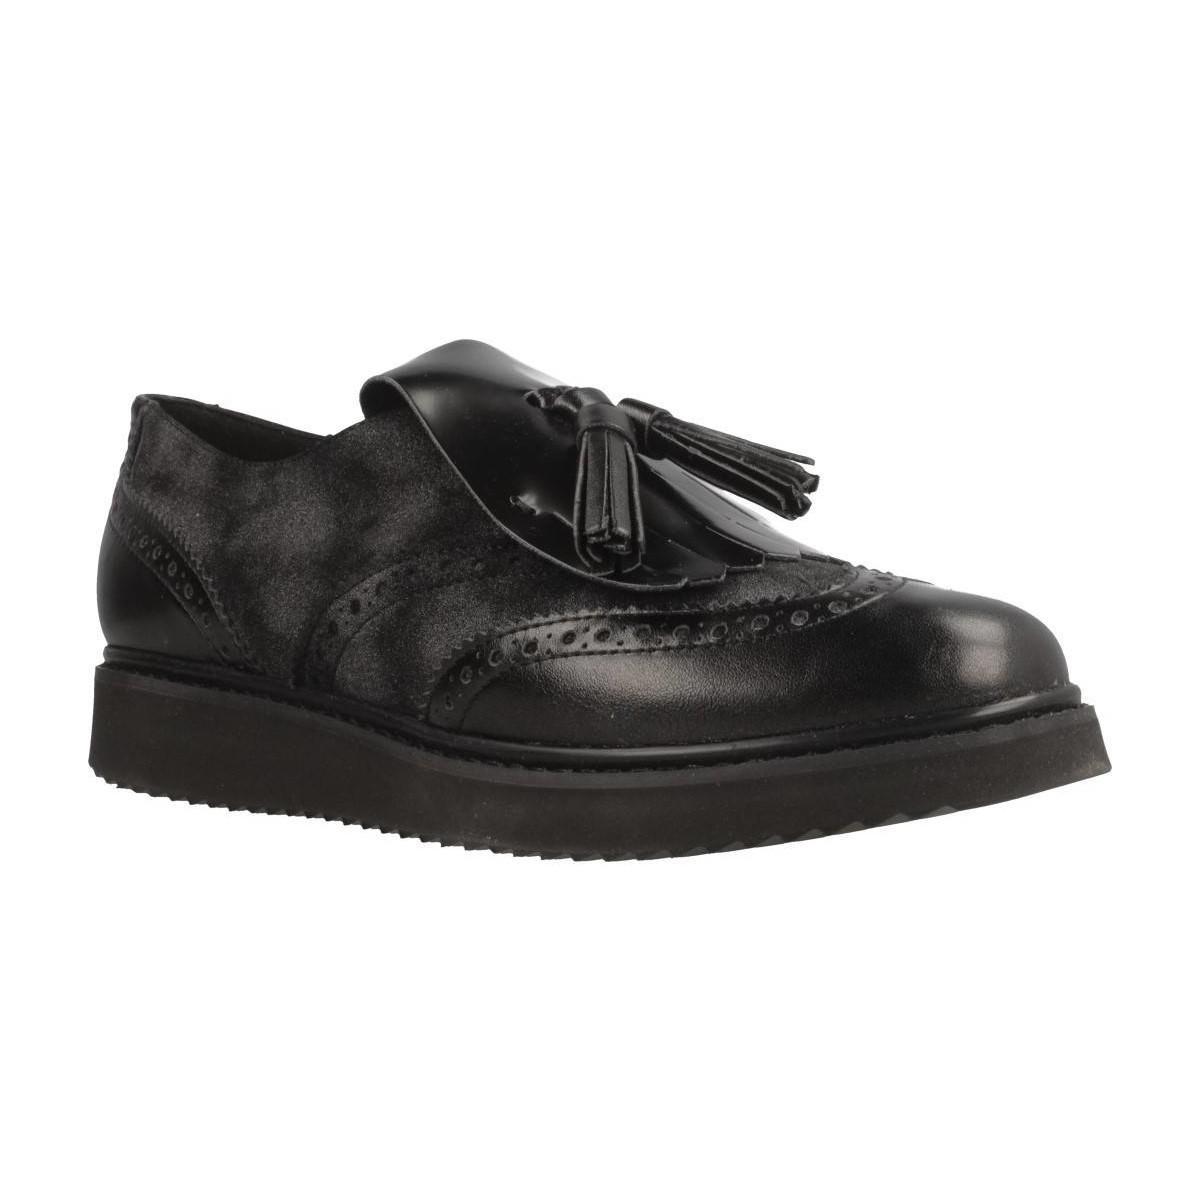 fcb420559fe Geox D Thymar Women s Loafers   Casual Shoes In Black in Black - Lyst